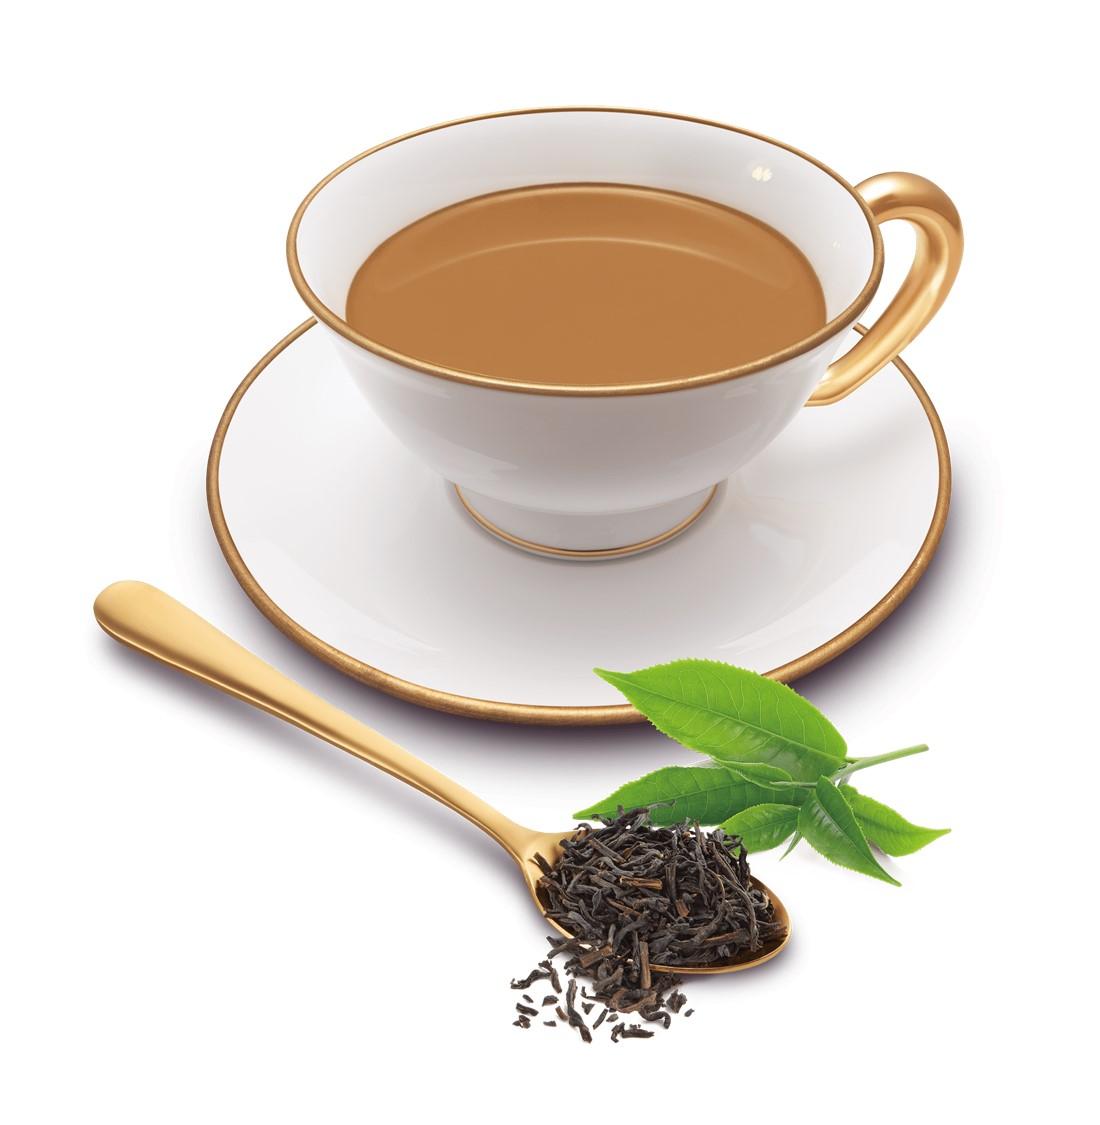 アッサム茶葉